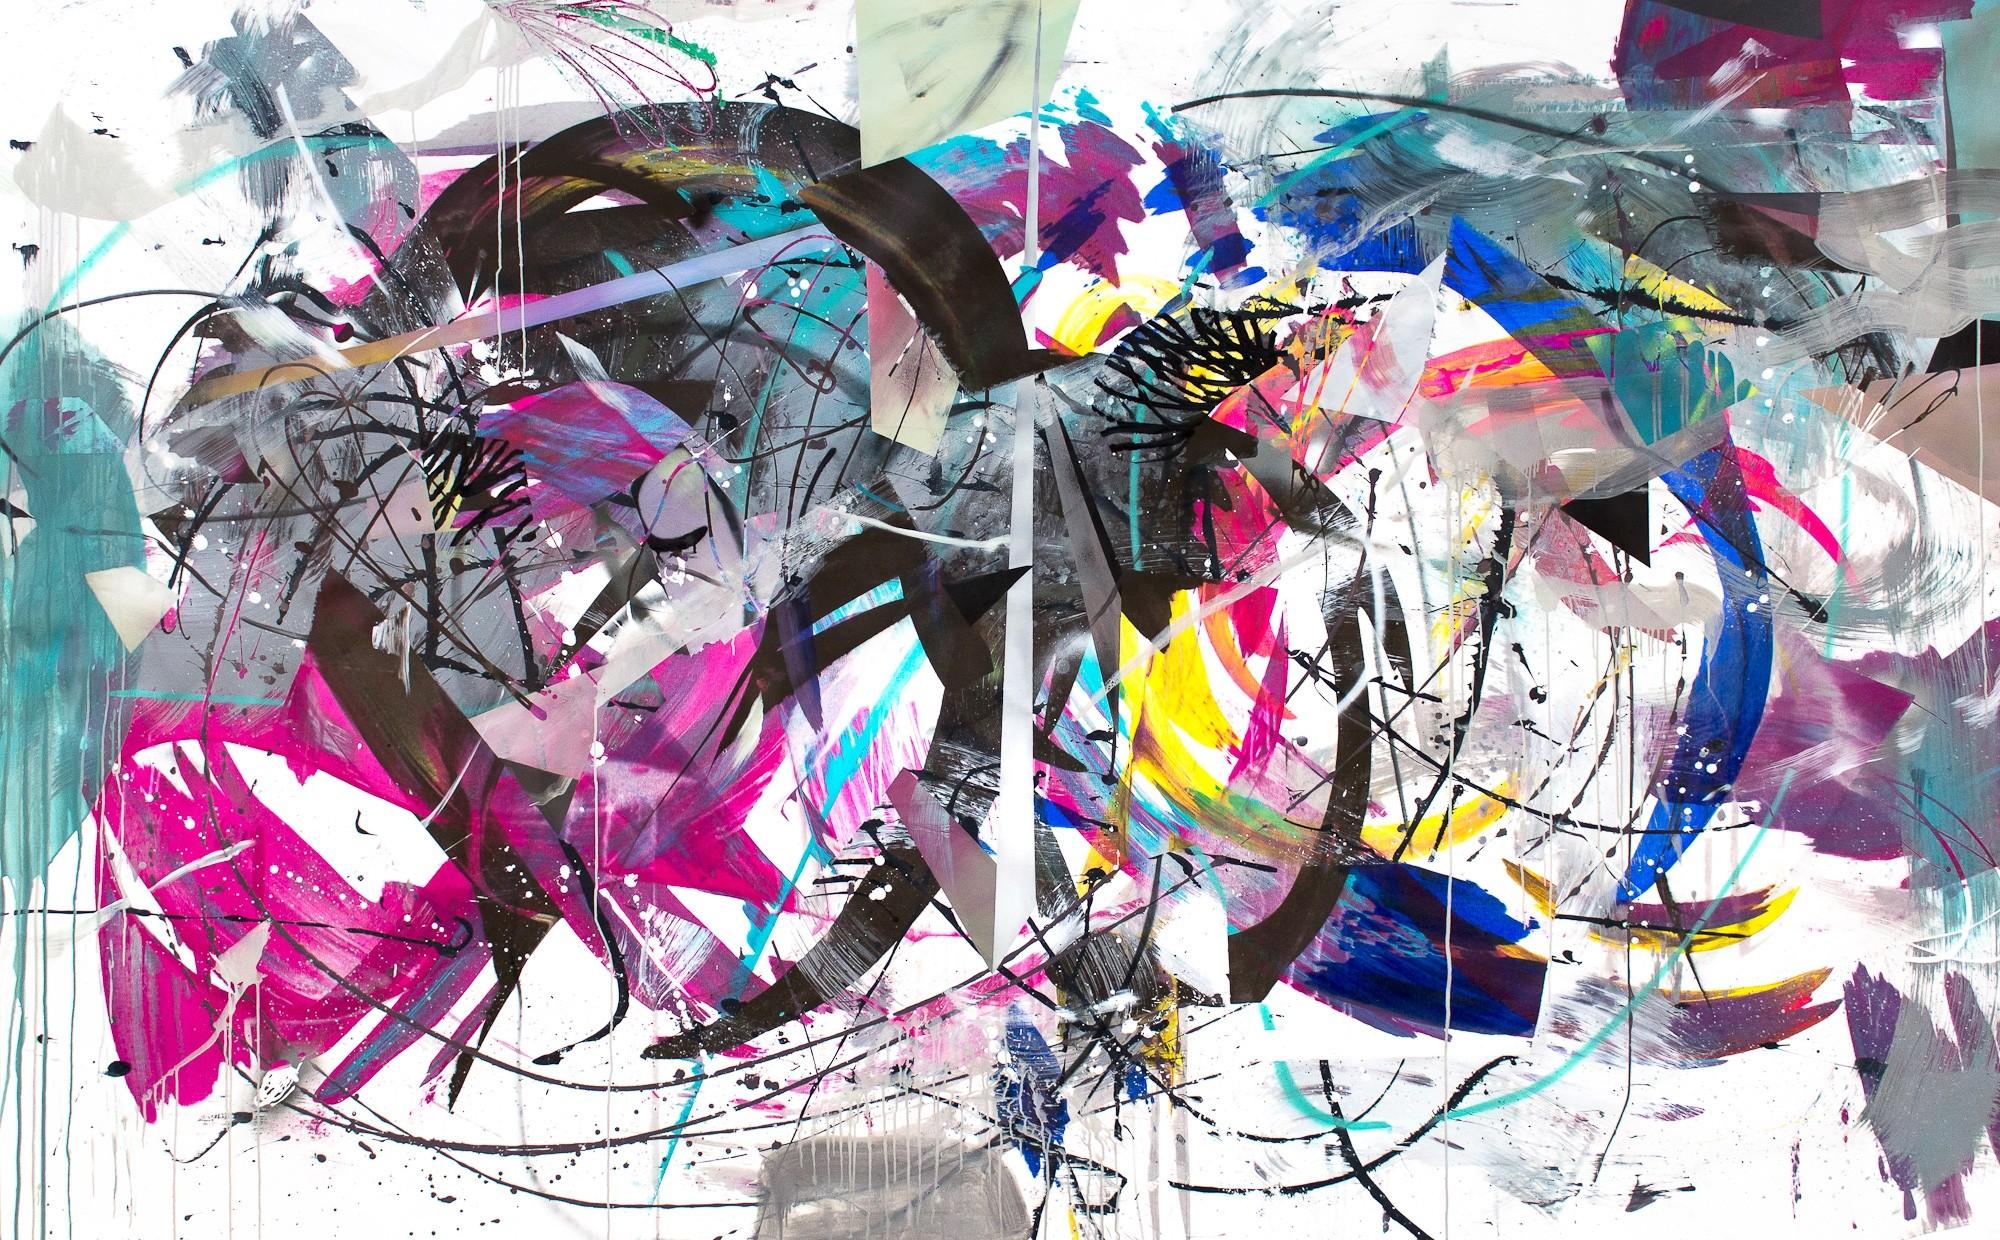 O.T. 24, Malerei von Malwin Faber, Öl, Acryl und Sprühfarbe auf Leinwand